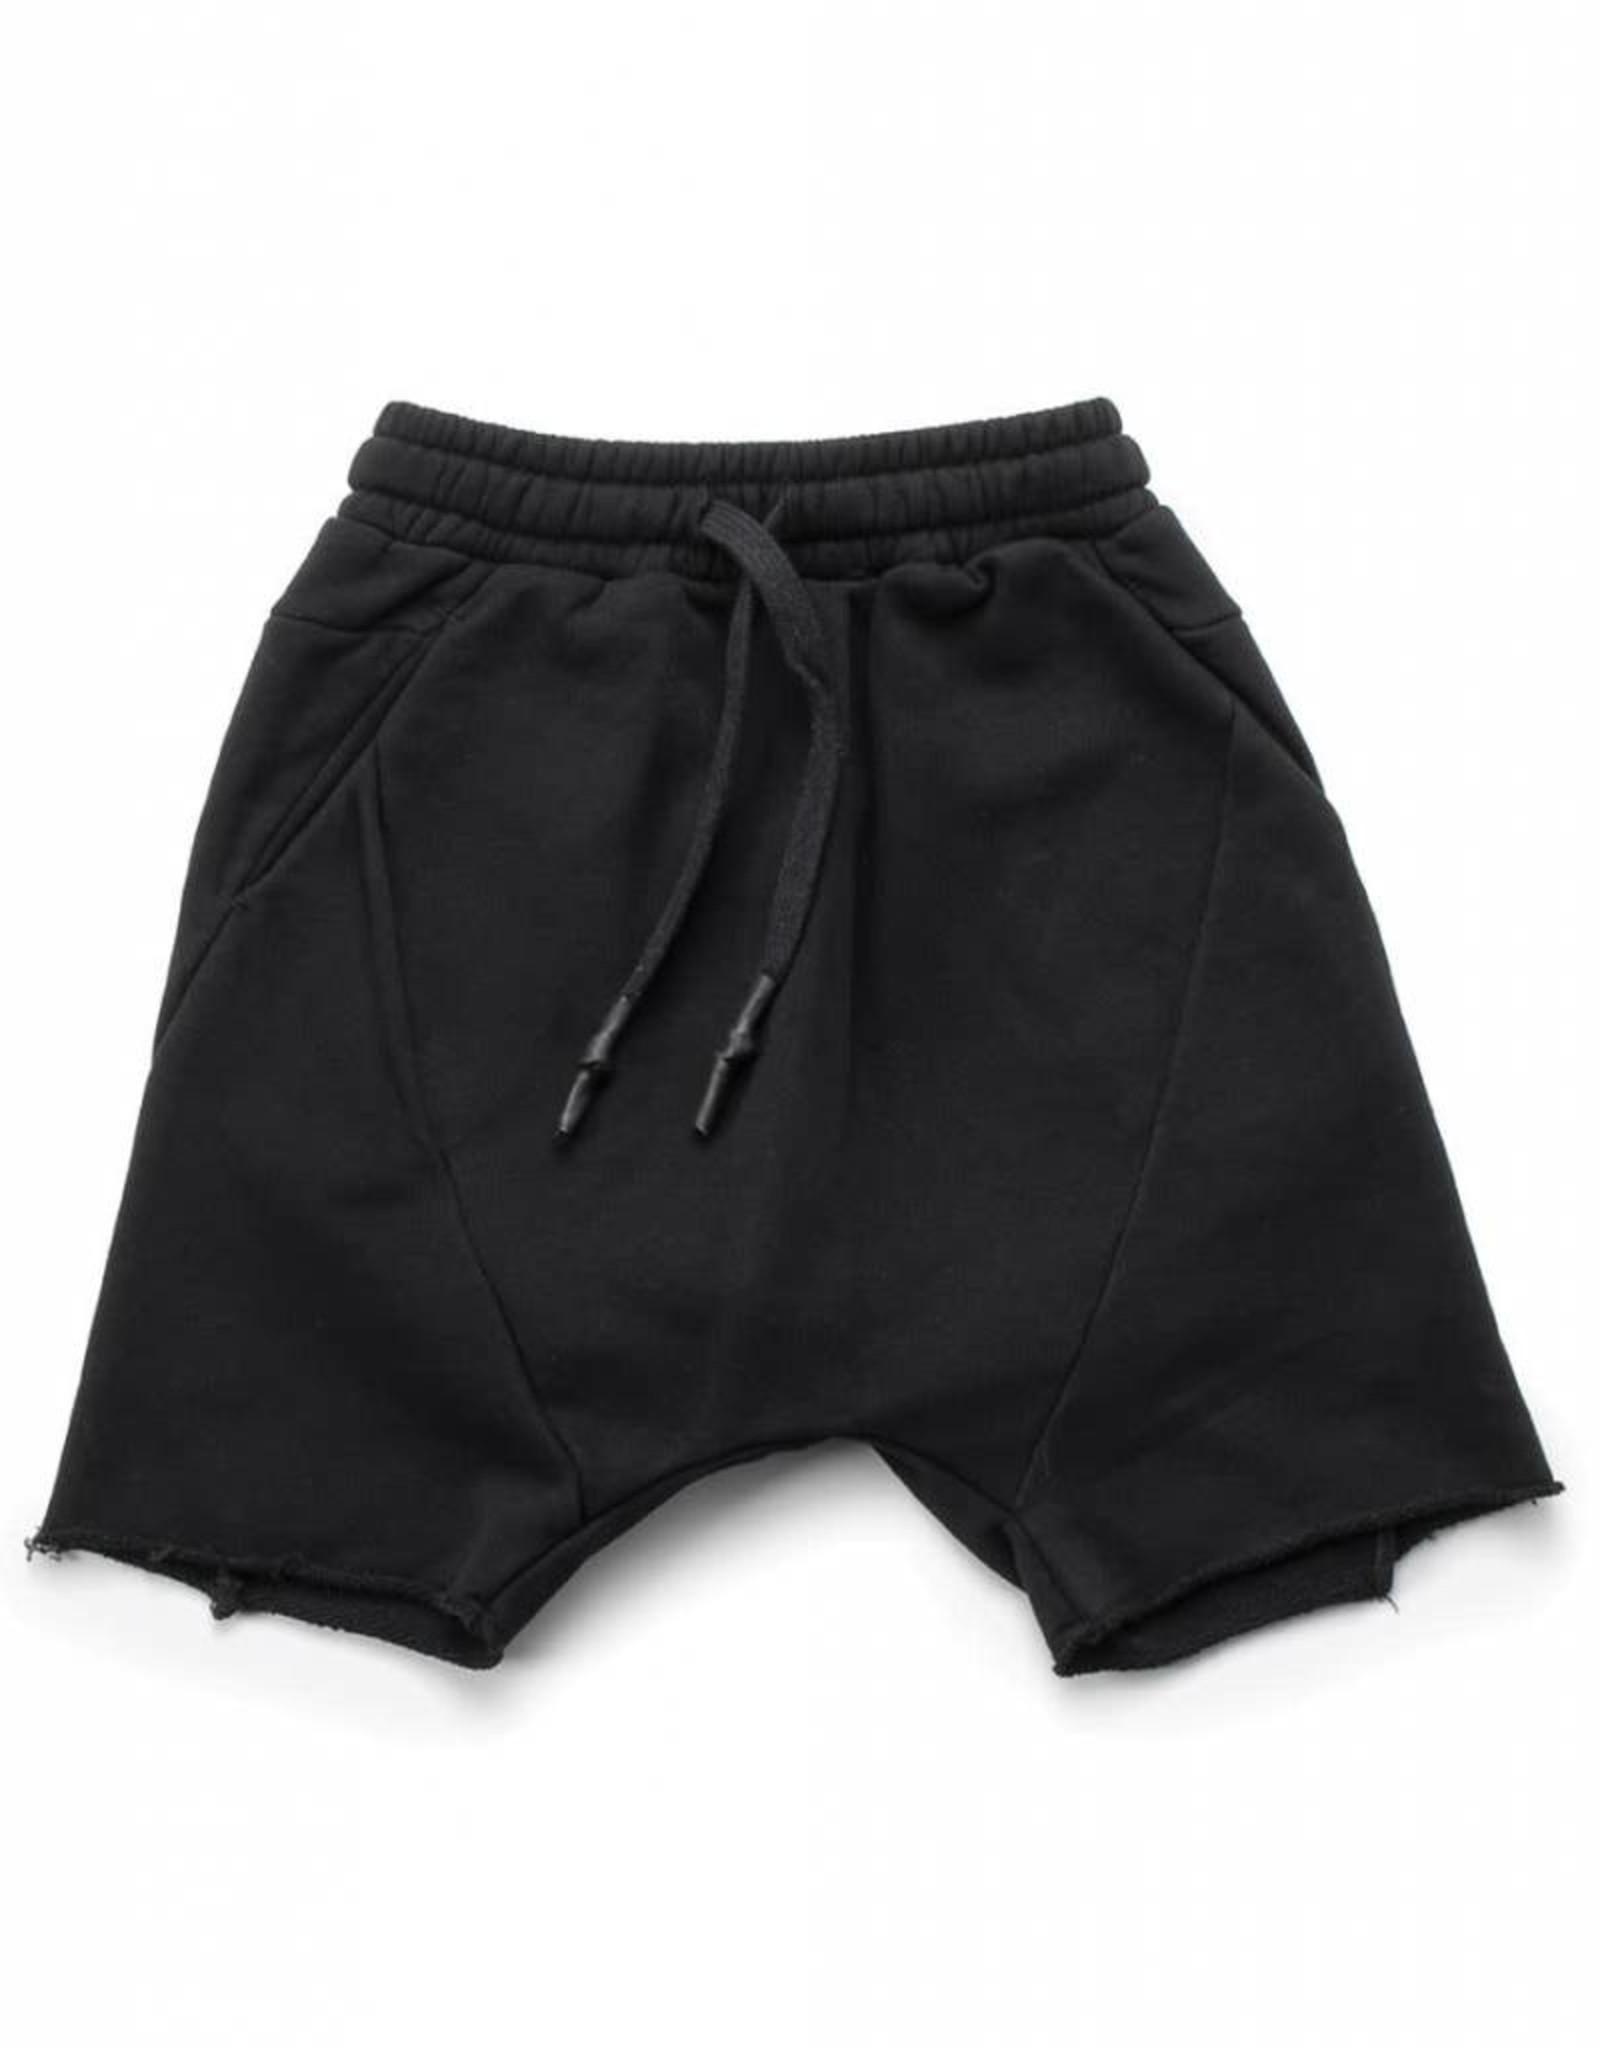 Rouded shorts